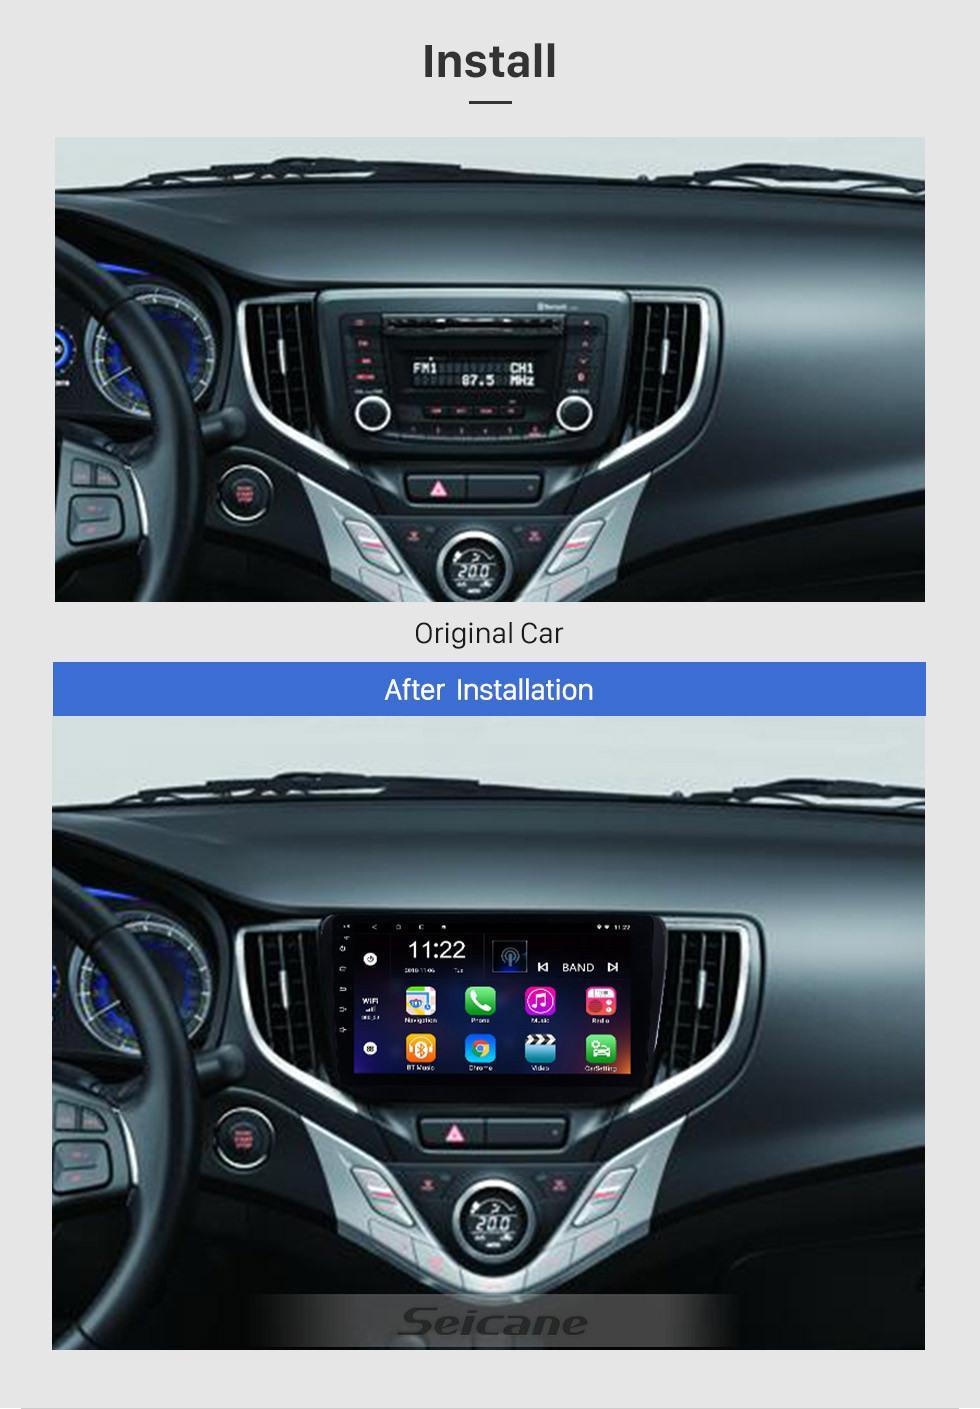 Seicane 9 pouces Android 10.0 2016 Suzuki Baleno au tableau de bord radio système de navigation GPS Bluetooth 3G WIFI caméra de recul sans fil OBD2 lien lien miroir commande au volant